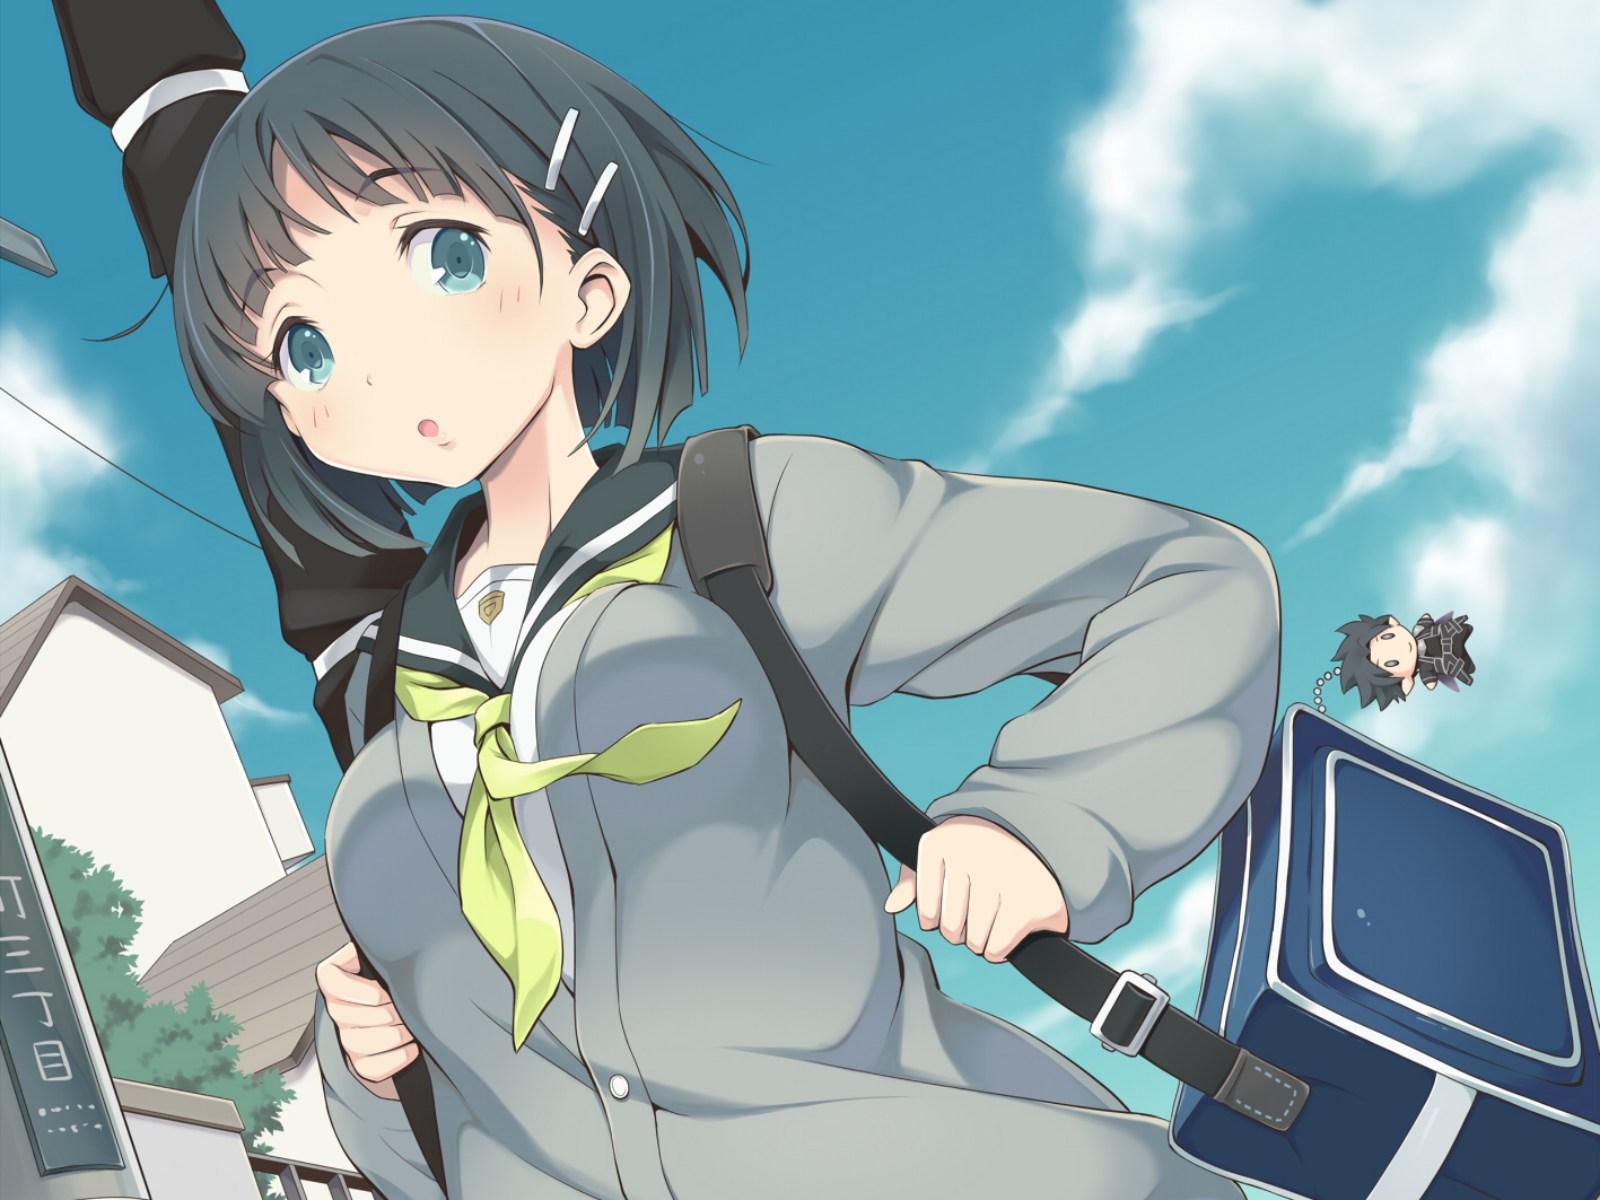 Image Result For Wallpaper Anime Girl School